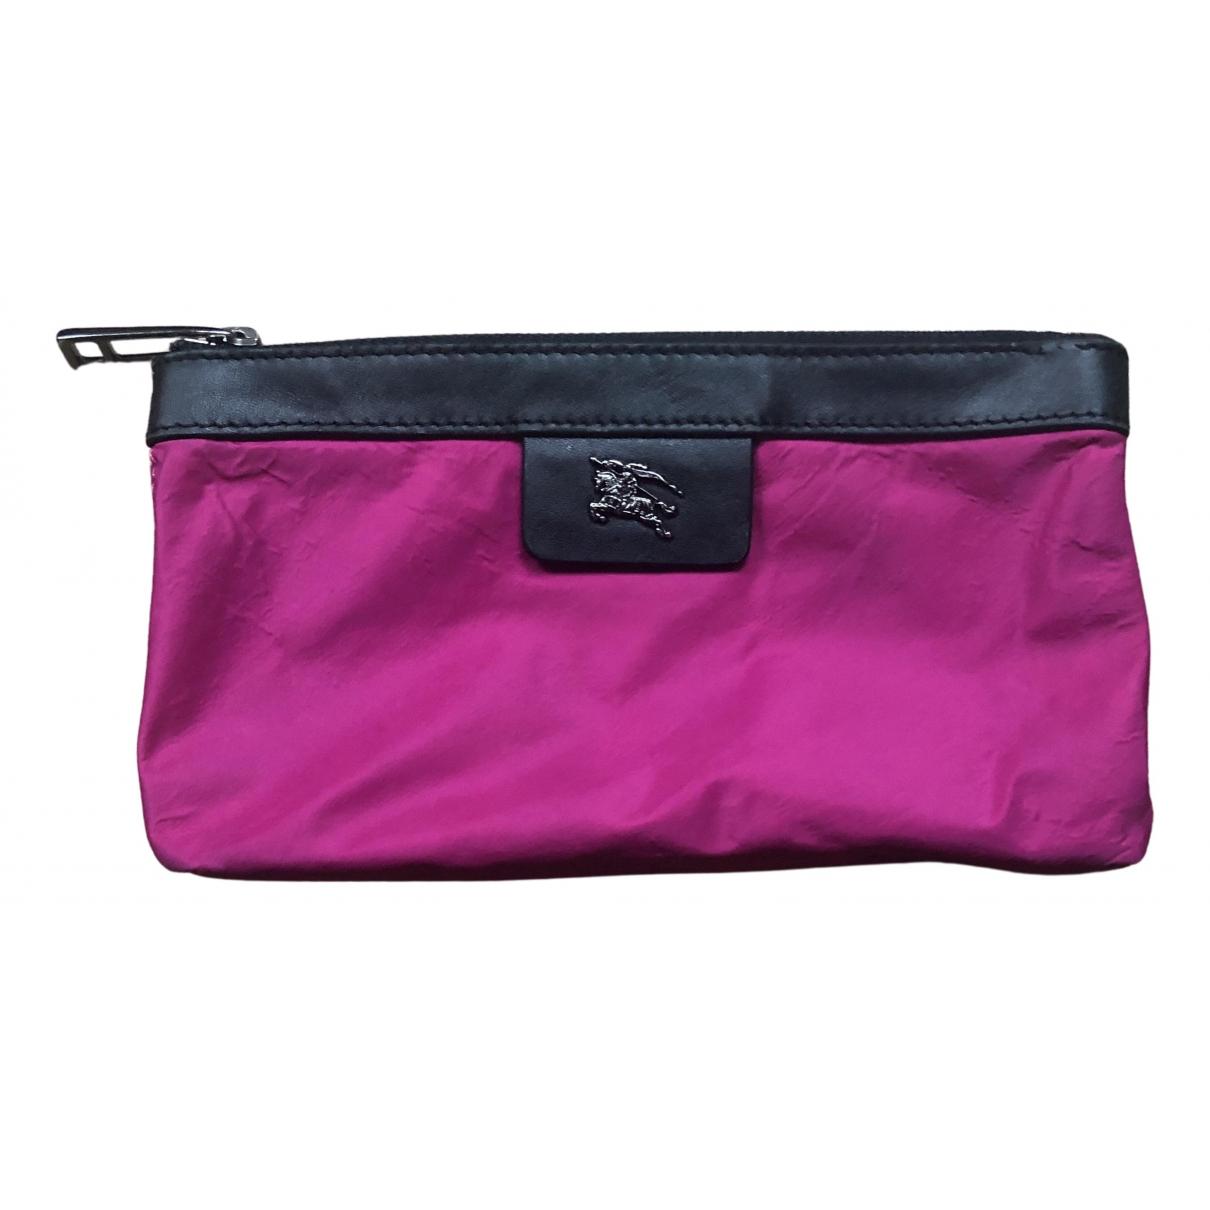 Burberry - Petite maroquinerie   pour femme en toile - rose